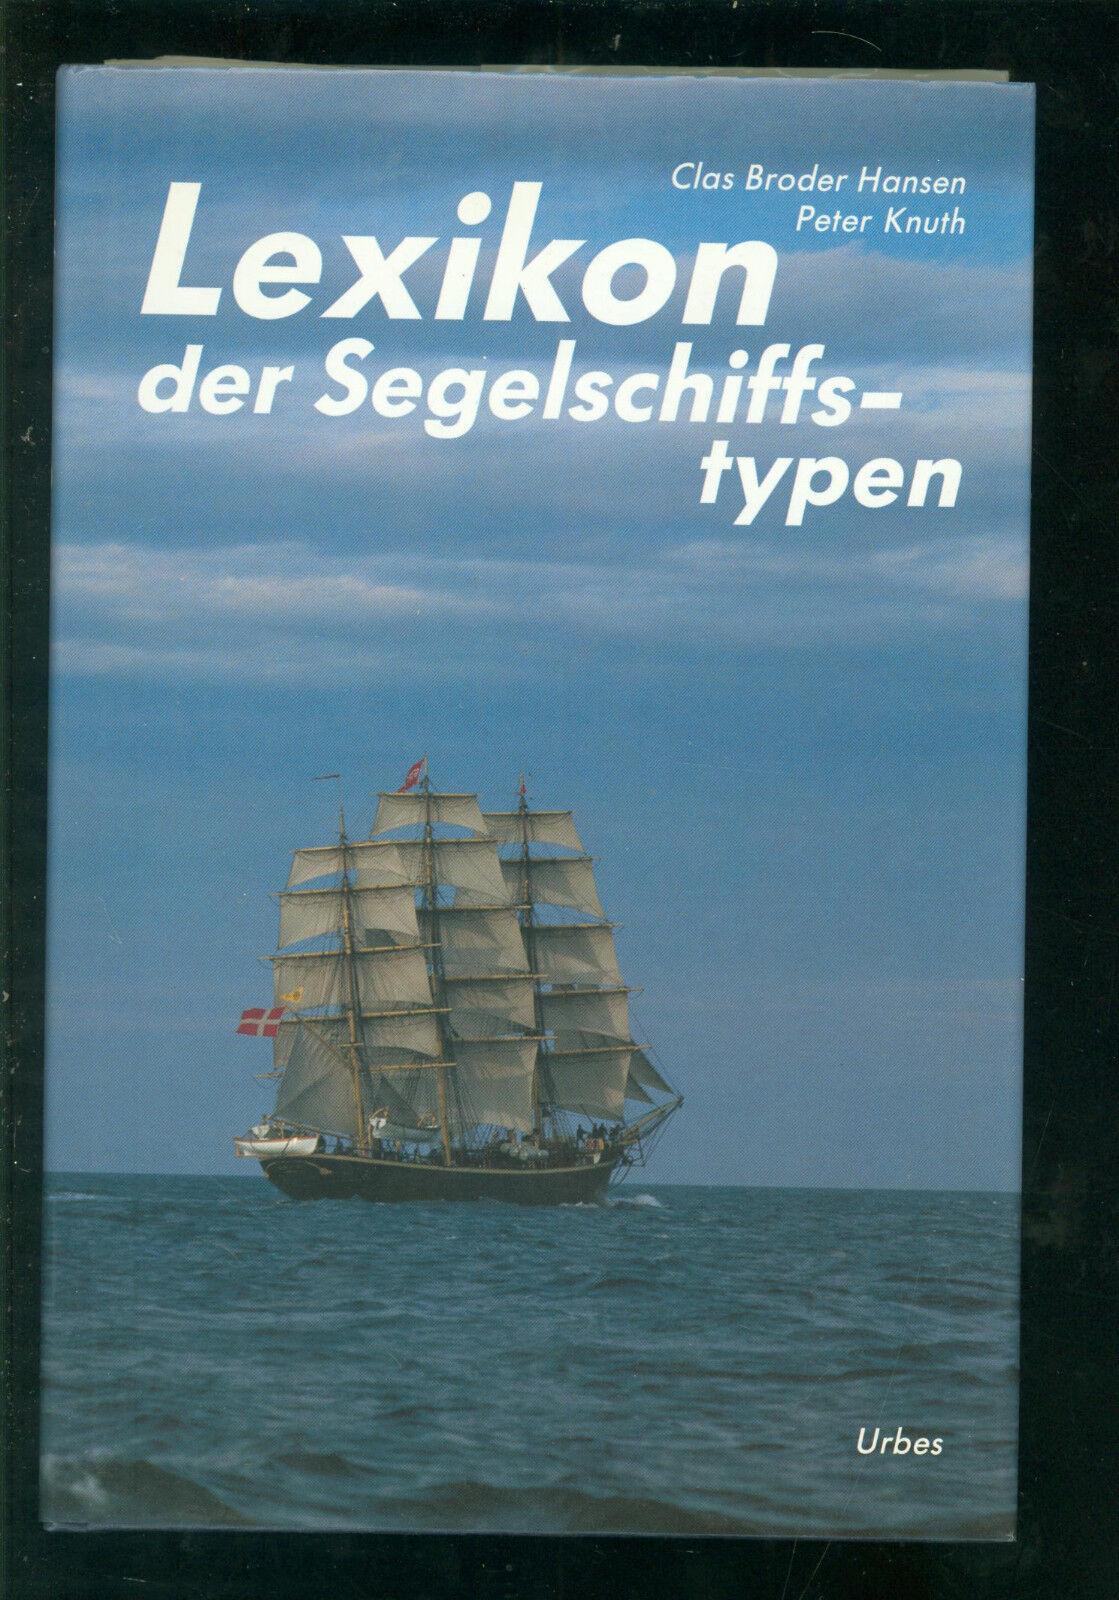 Lexikon der Segelschiffstypen